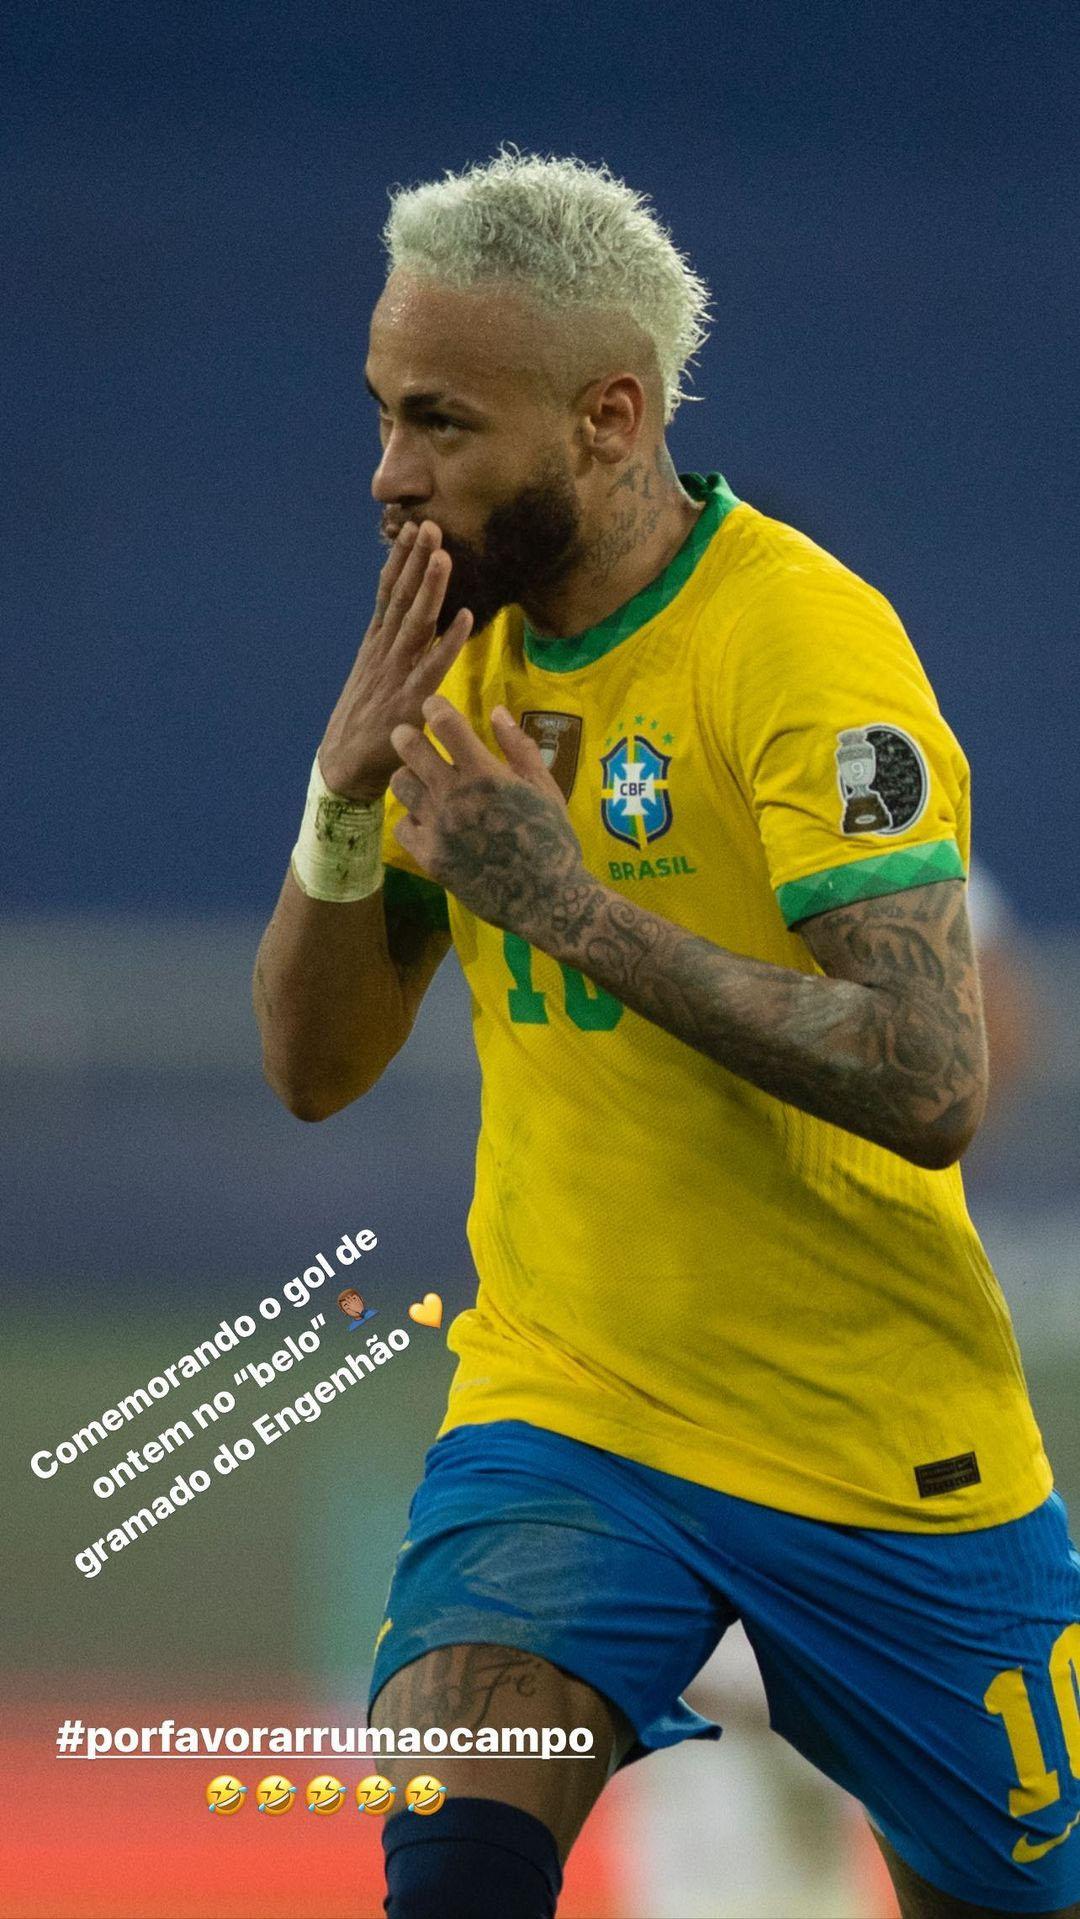 Postagem de Neymar reclamando do gramado do Estádio Nilton Santos